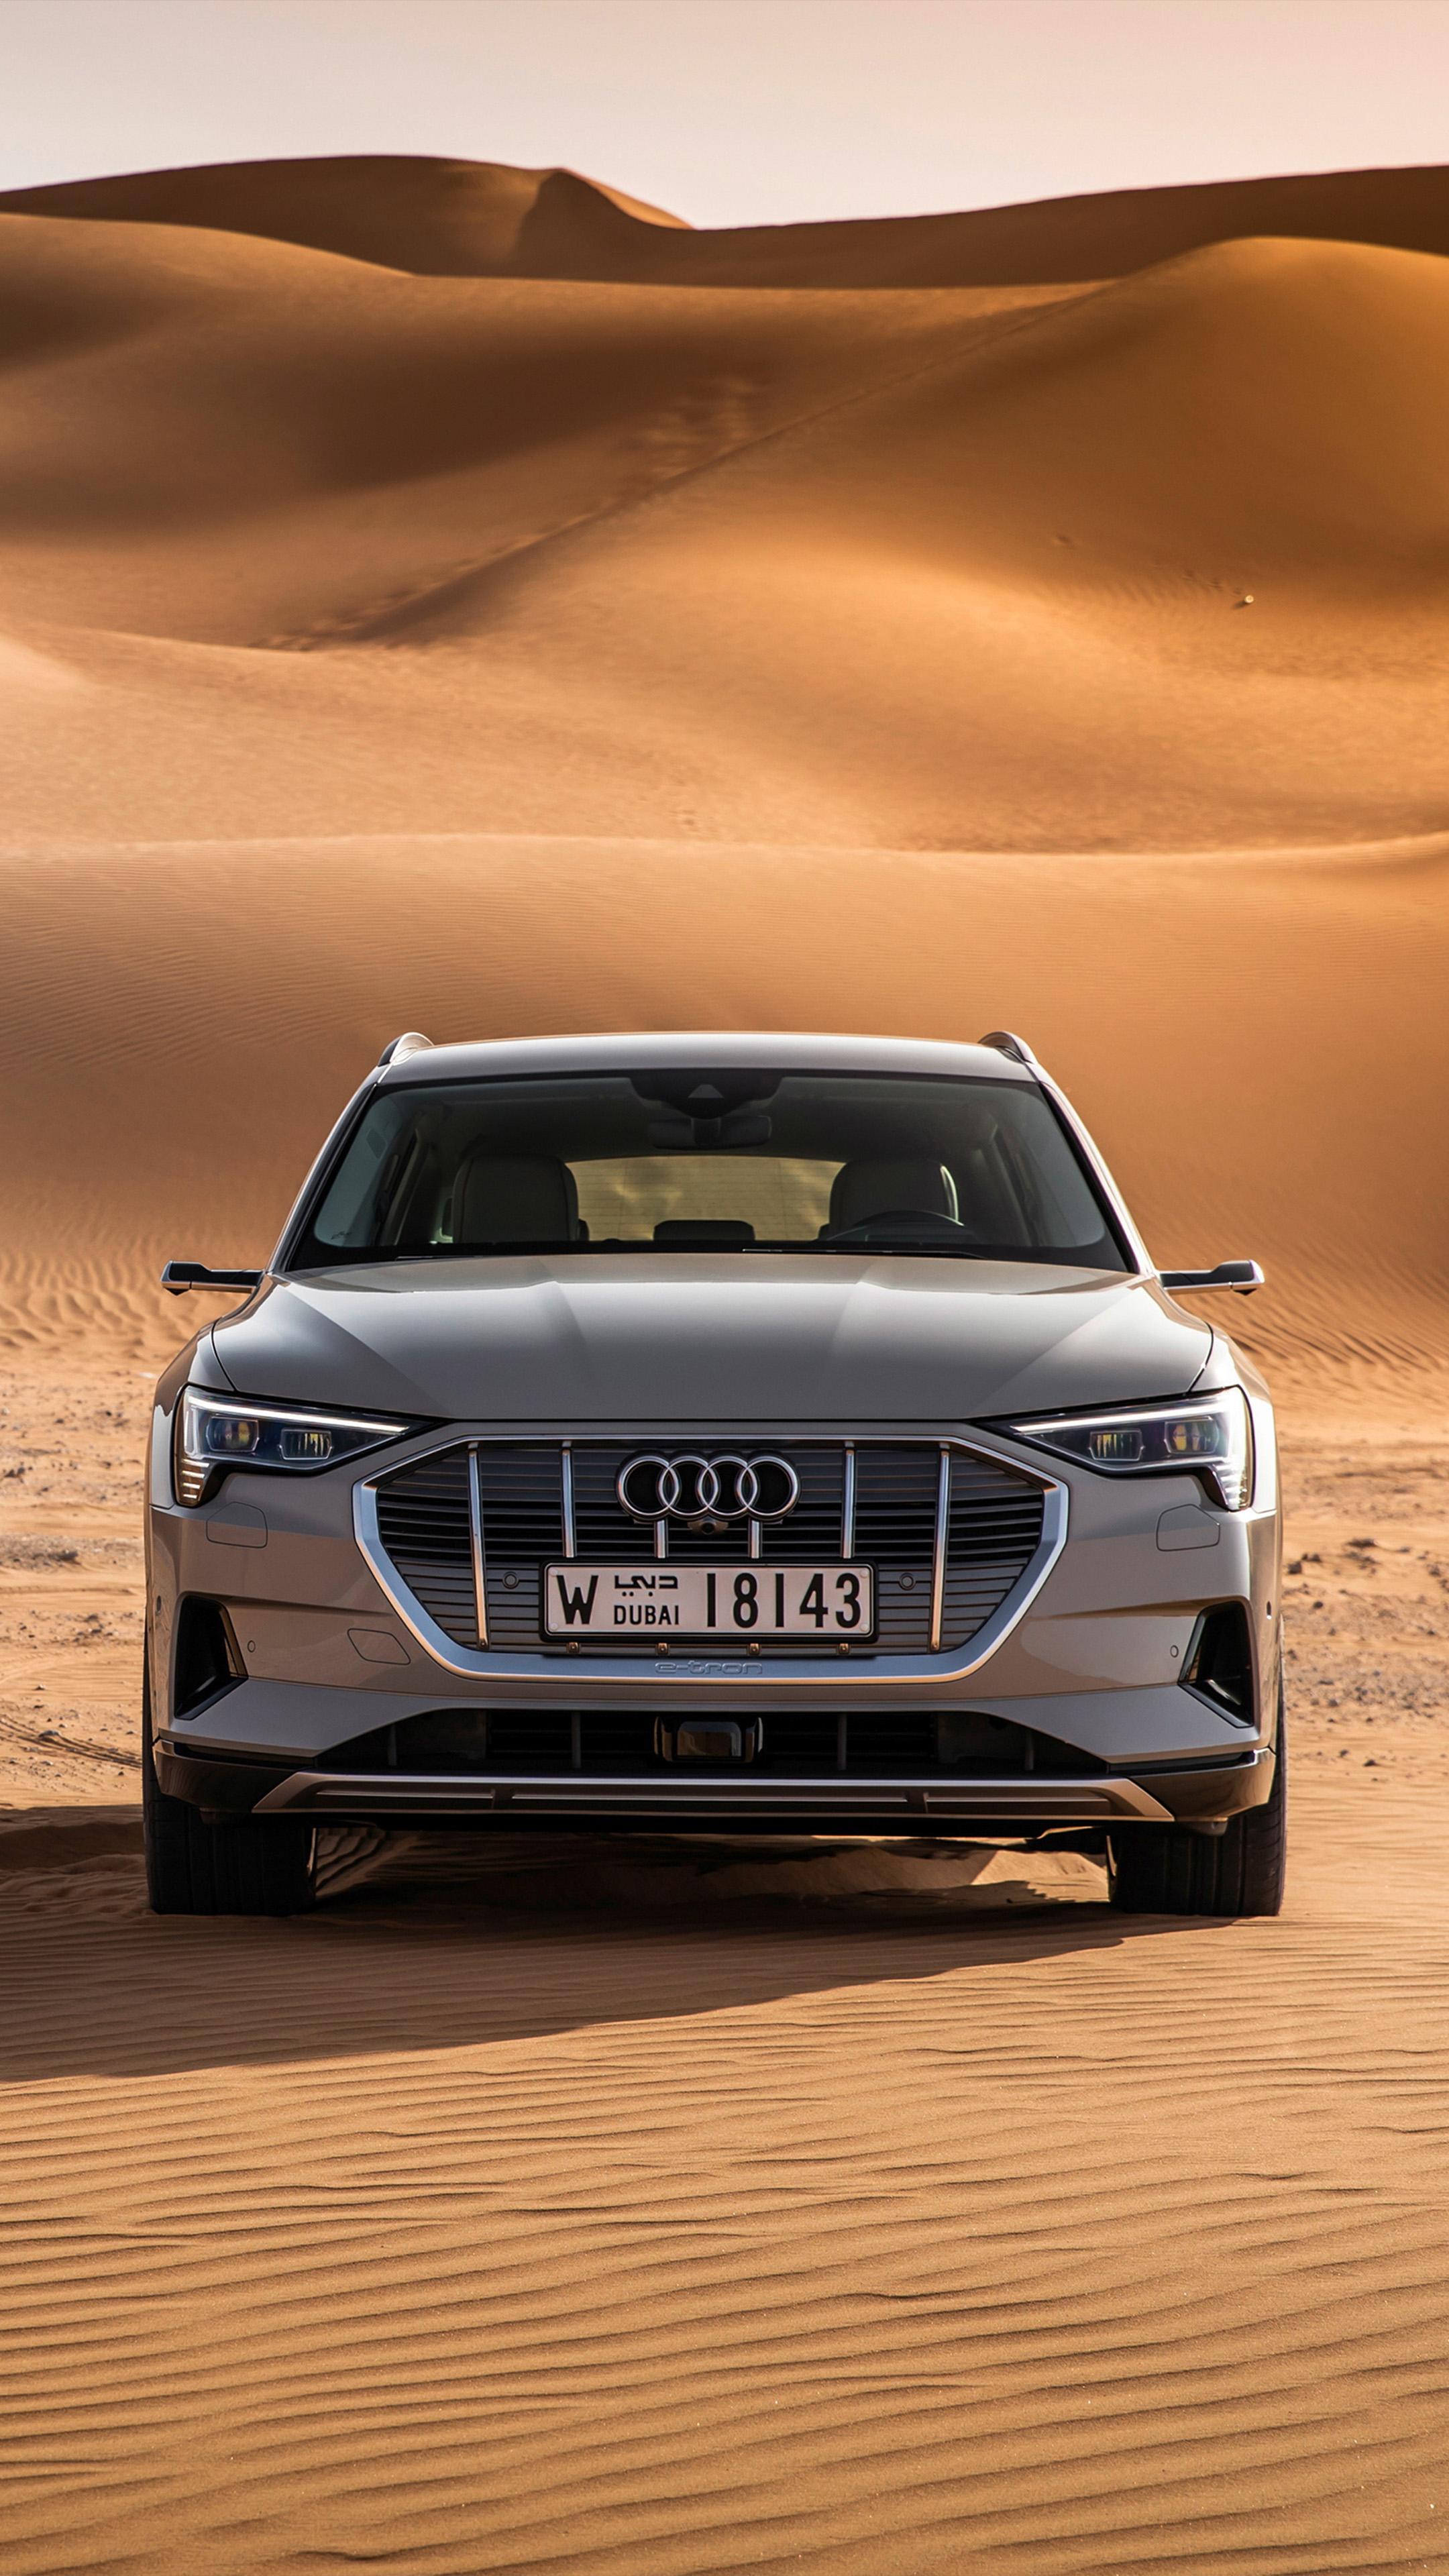 Download Audi E Tron 55 Quattro Dubai Desert Free Pure 4K